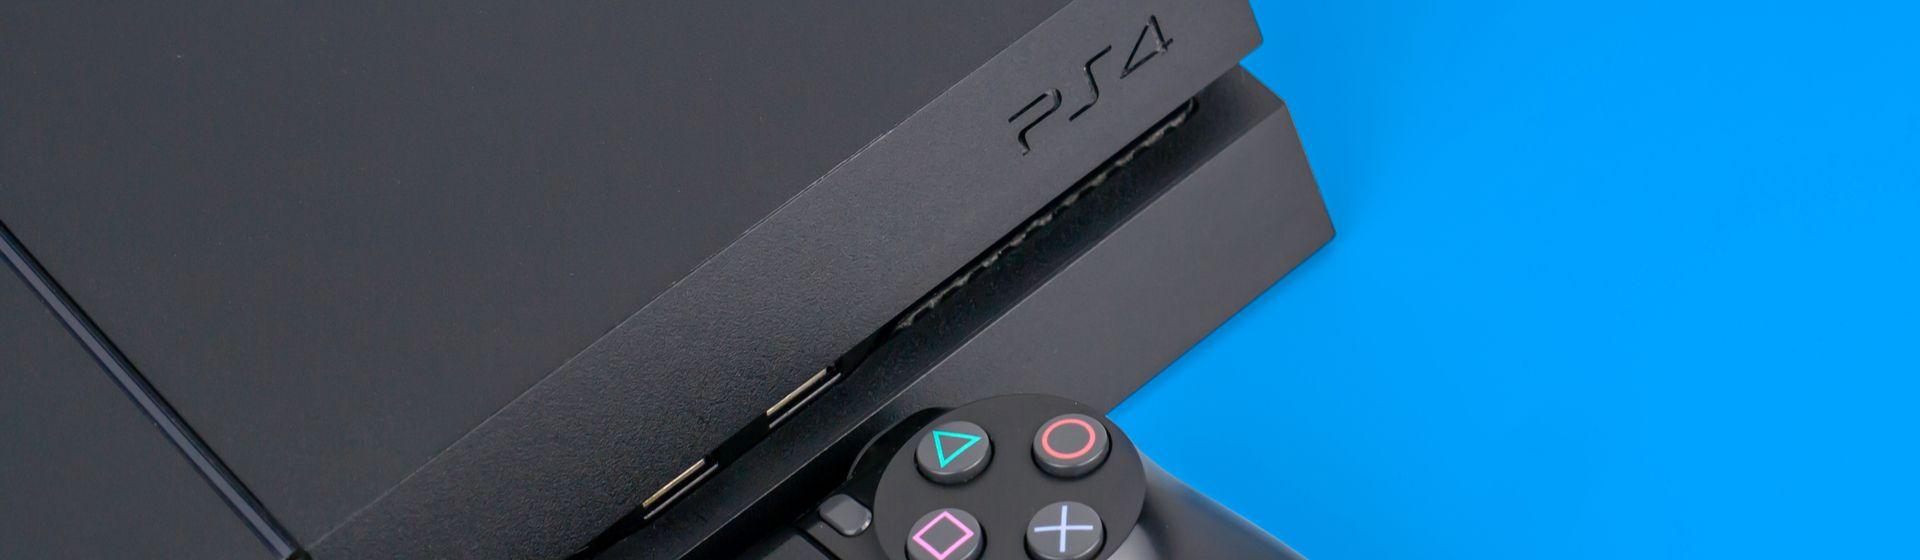 PS4 e controle DualShock 4 pretos sobre fundo azul